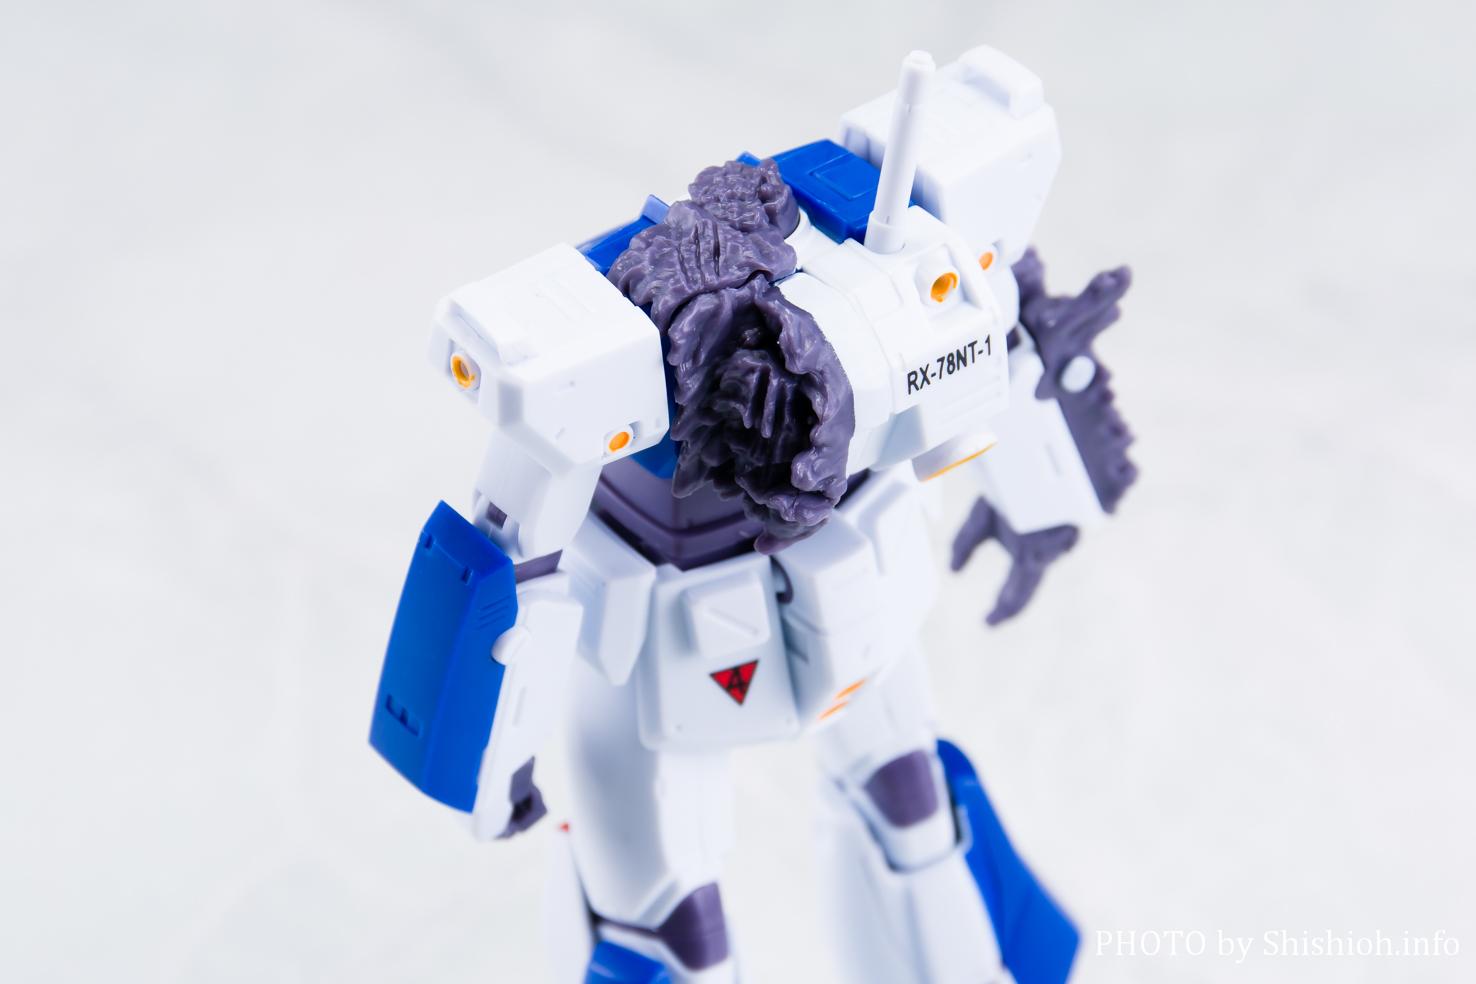 ROBOT魂 〈SIDE MS〉RX-78NT-1 ガンダムNT-1 ver. A.N.I.M.E.